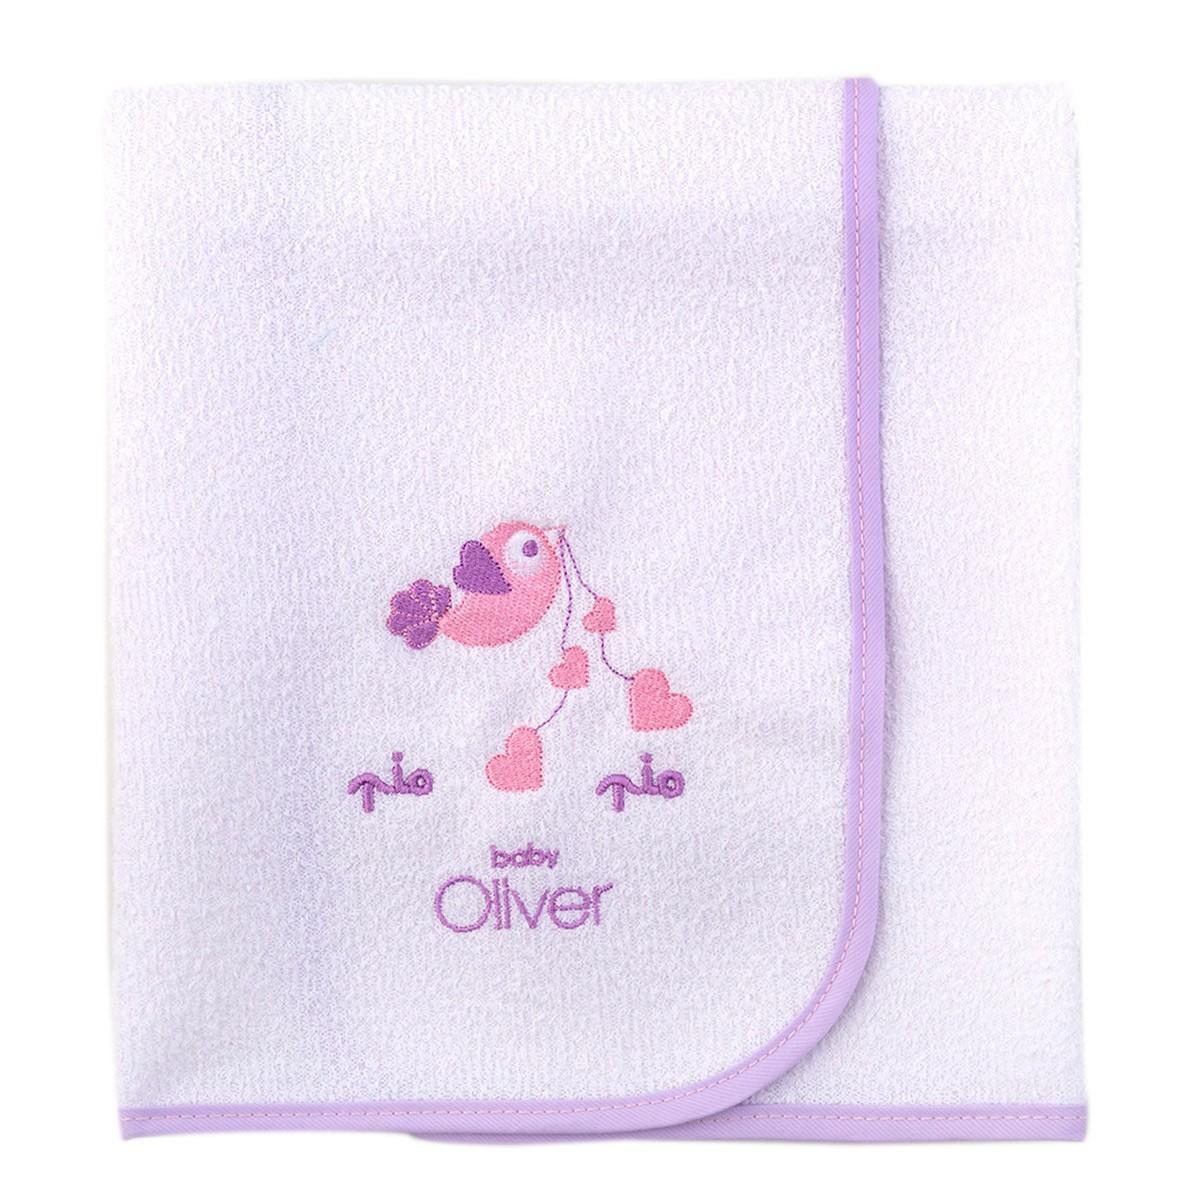 Βρεφικό Σελτεδάκι Baby Oliver Lilac Dream Birds 300